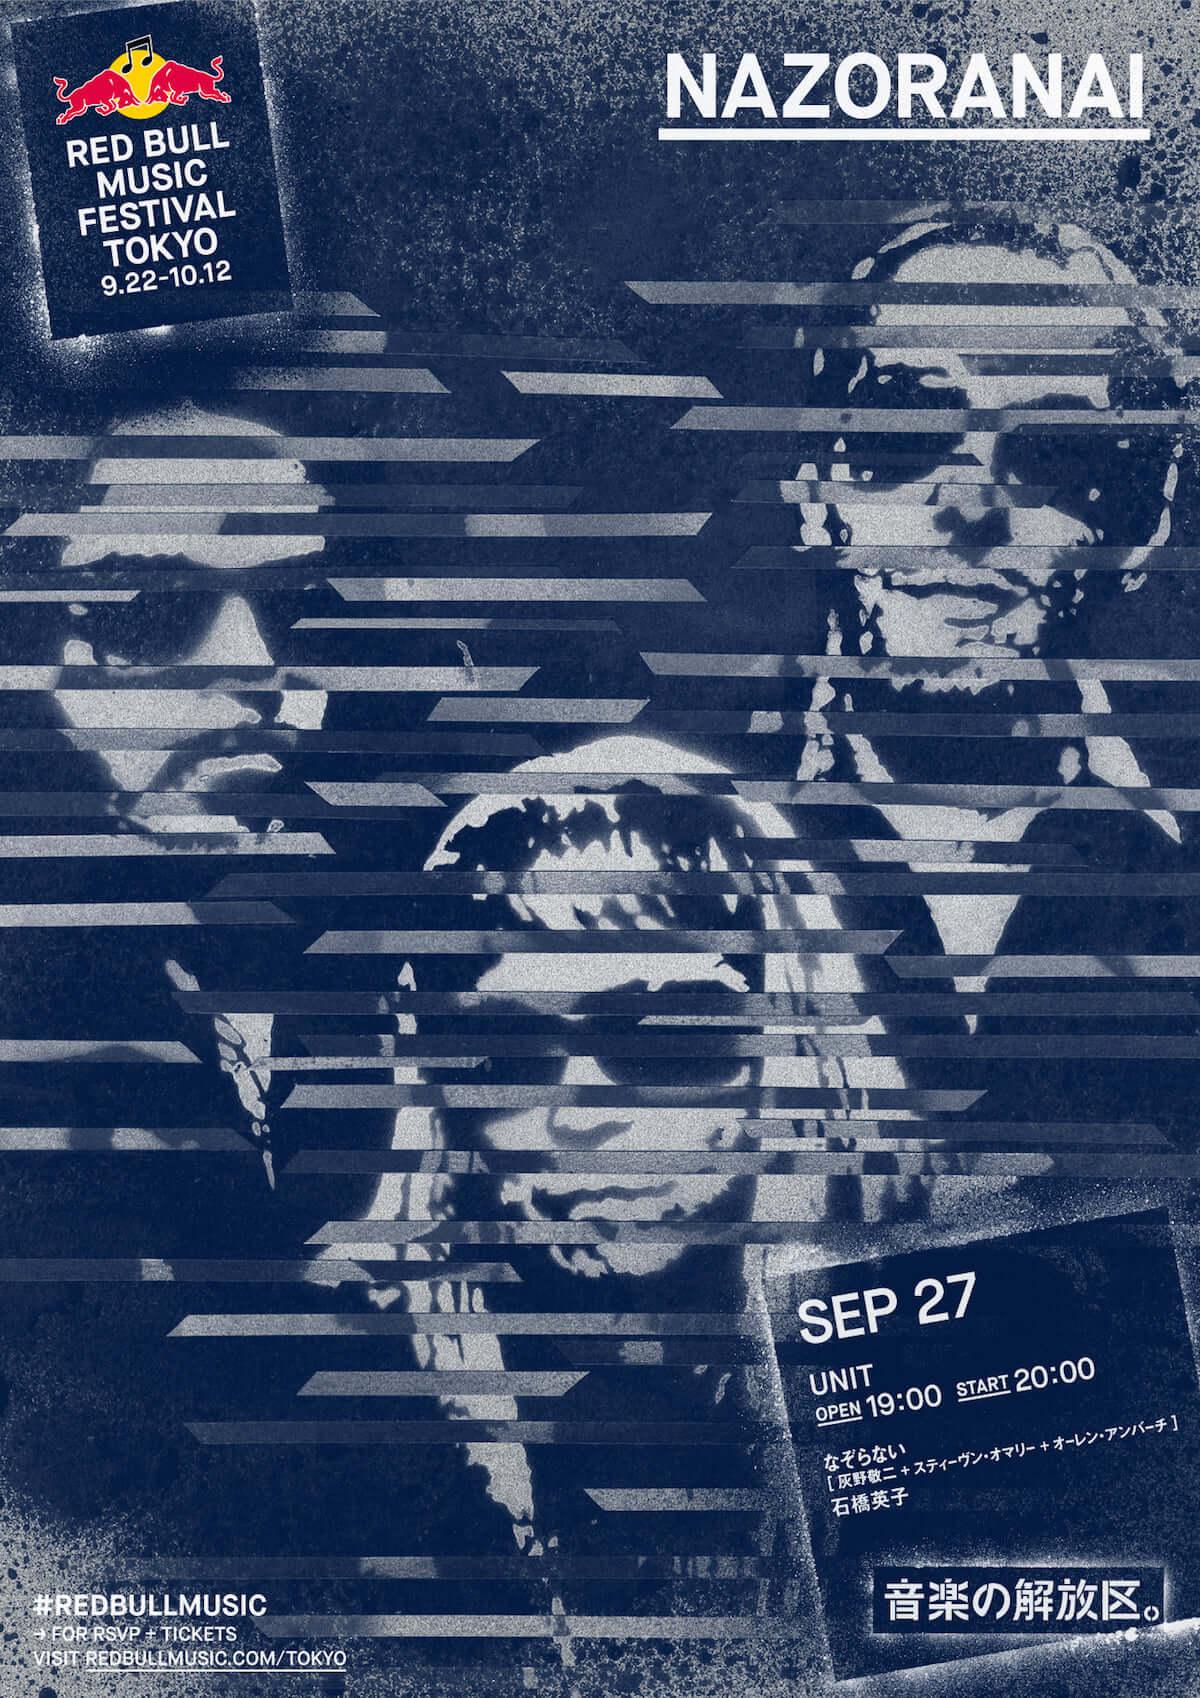 灰野敬二+スティーヴン・オマリー+オーレン・アンバーチ奇跡のトリオ・NAZORANAIの4年ぶりとなる東京公演が開催 music180907-nazoranai-5-1200x1698